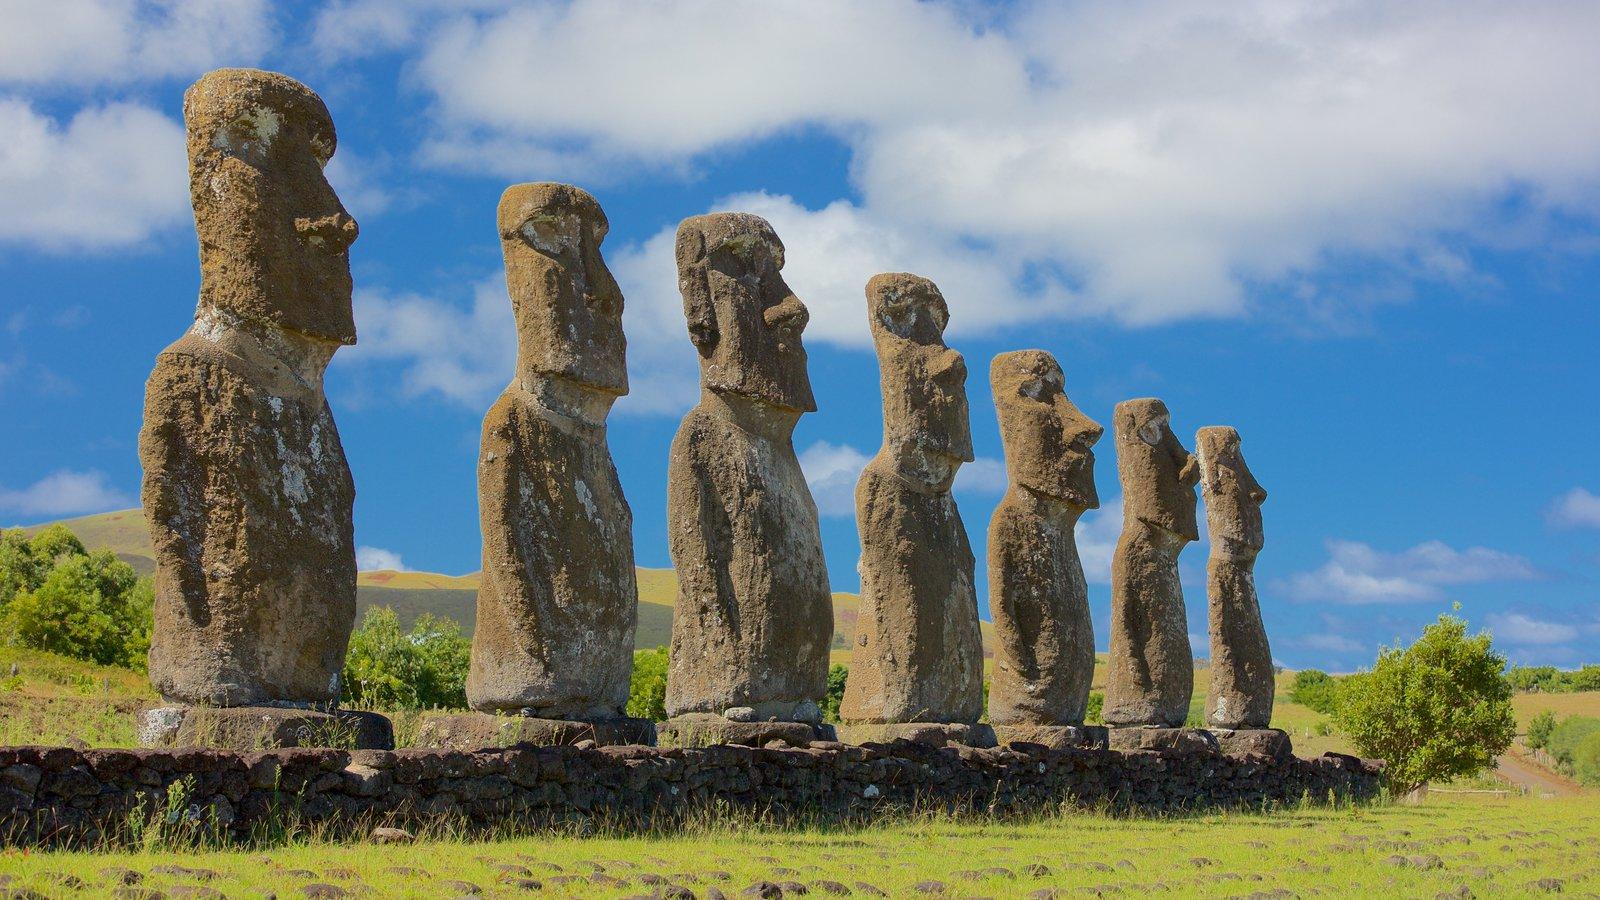 Ahu Akivi mostrando elementos del patrimonio y una estatua o escultura